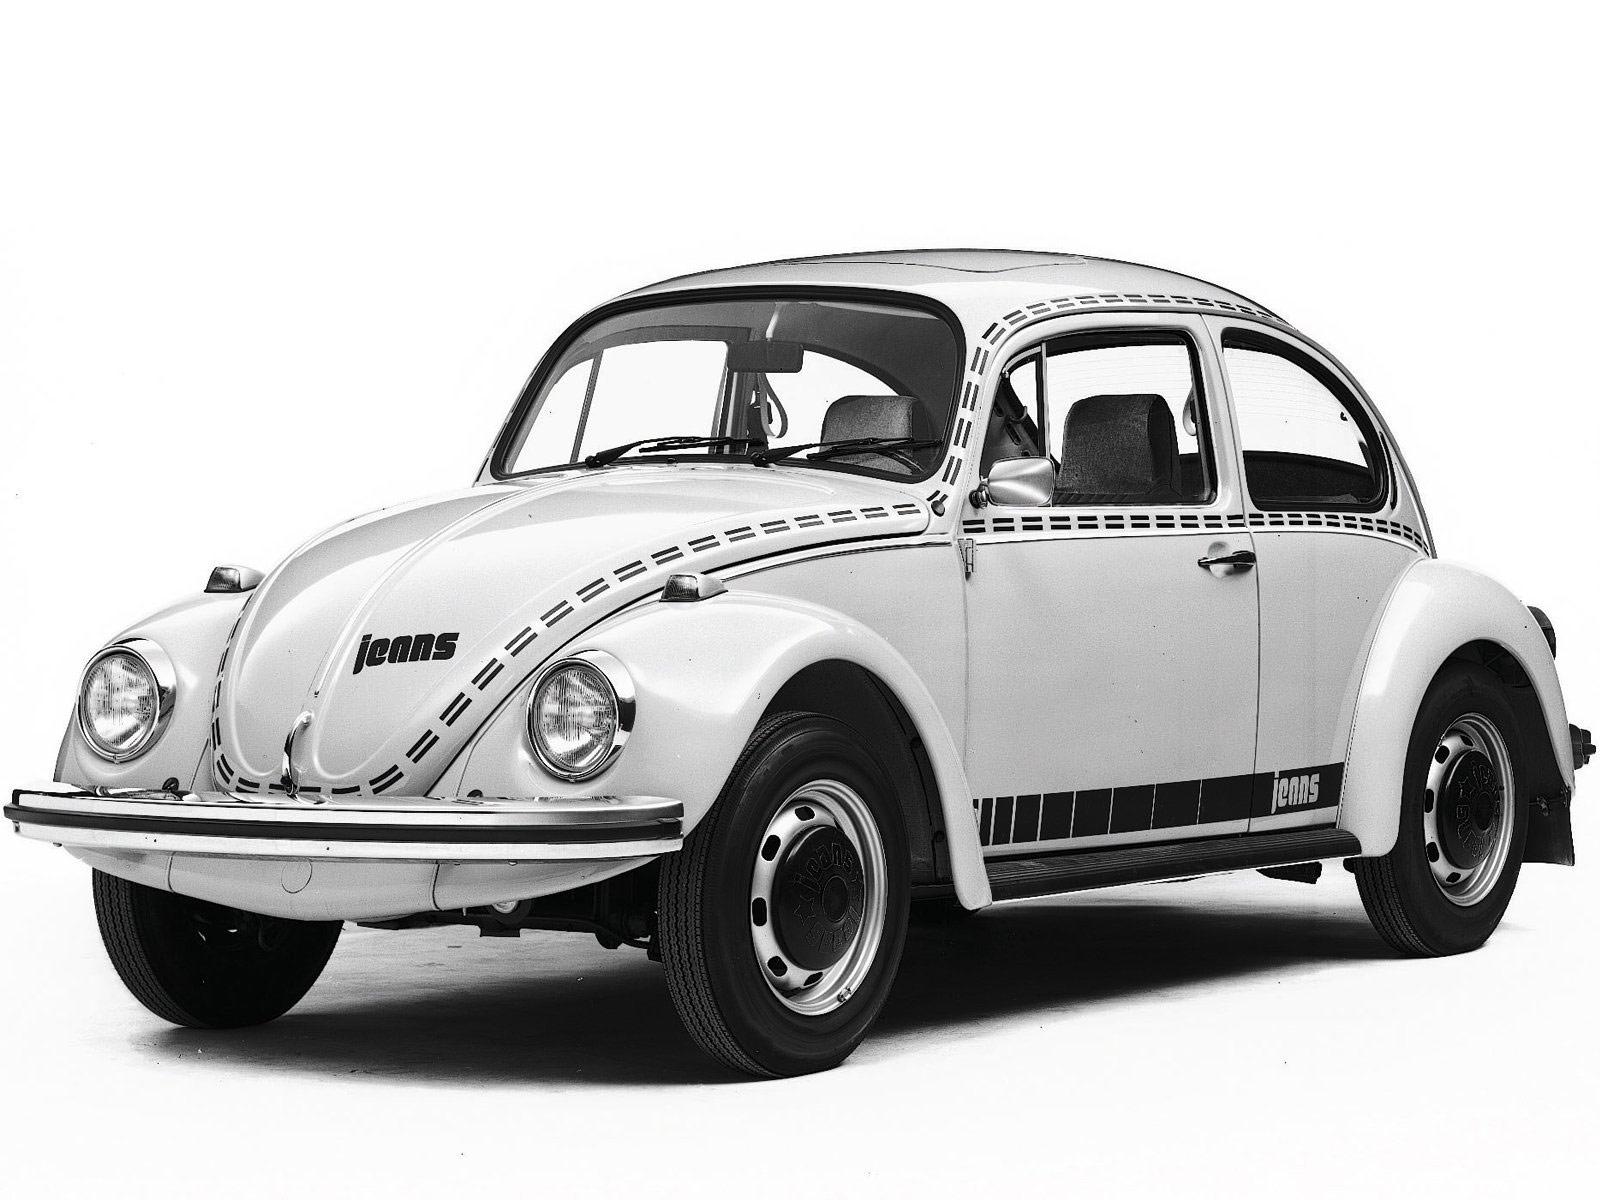 Volkswagen wallpapers All Volkswagen Models List of VW Car 1600x1200